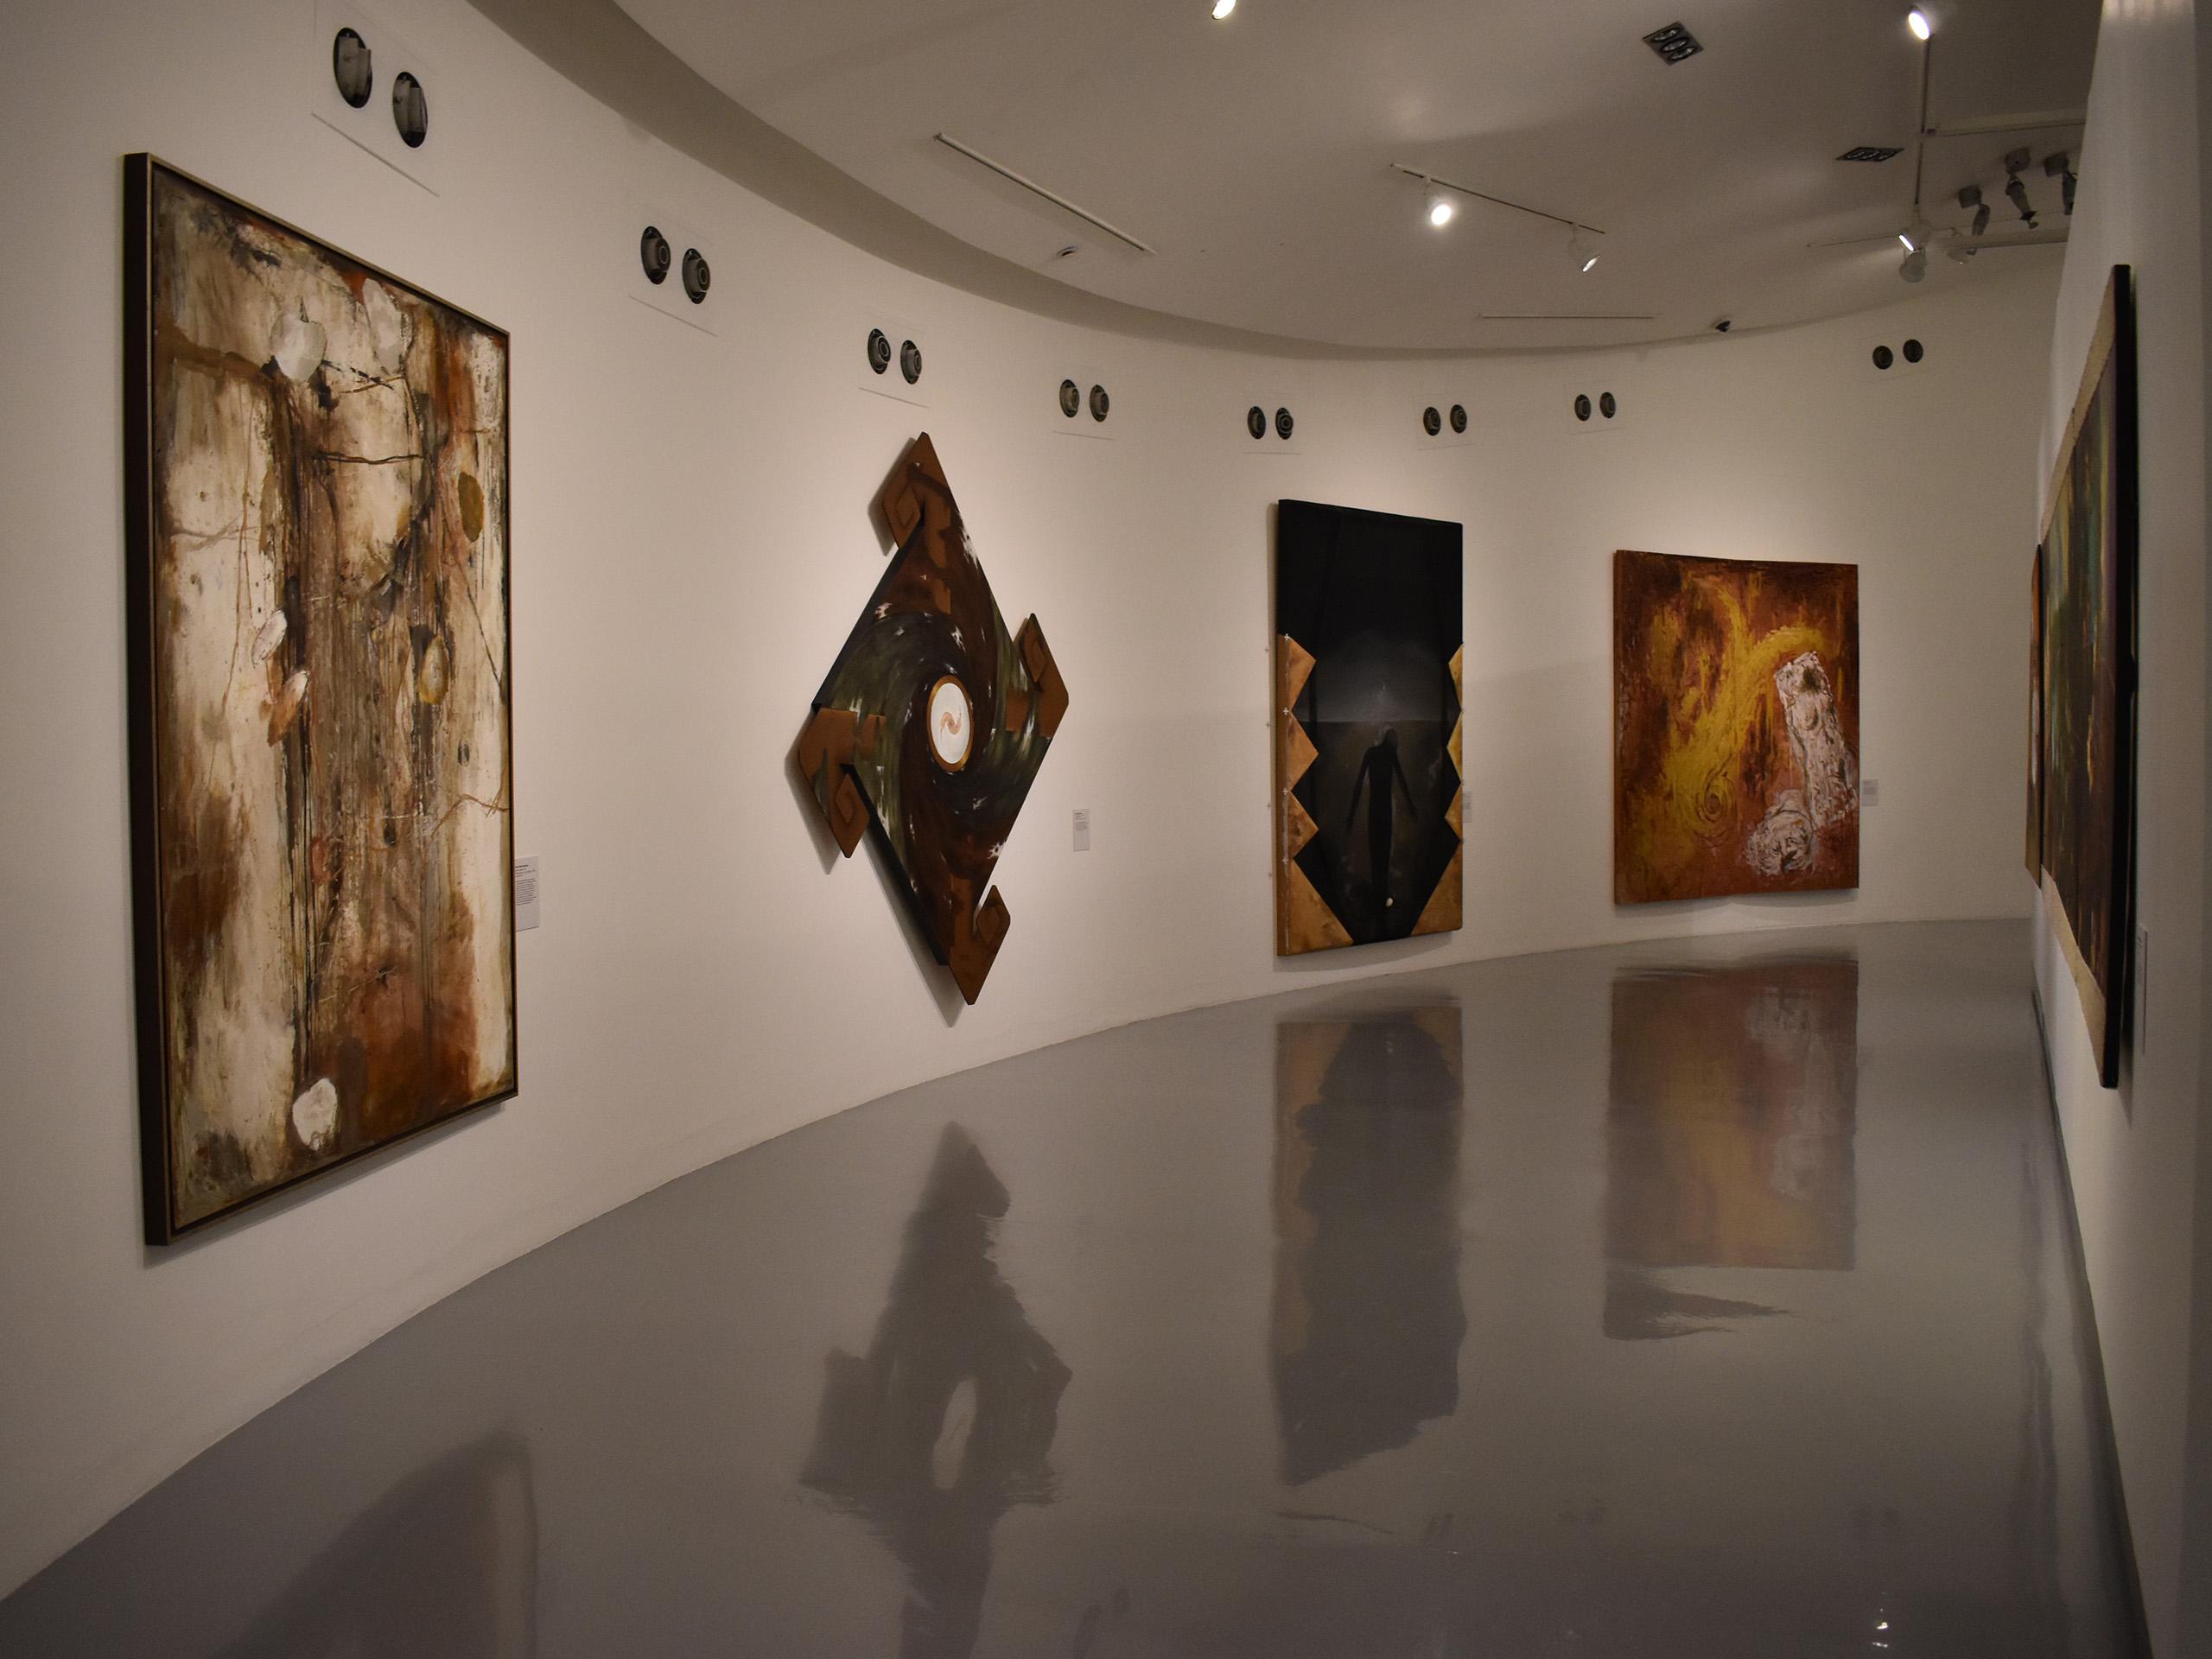 Coleccion-en-Guanajuato-Galeria-Noticias-5